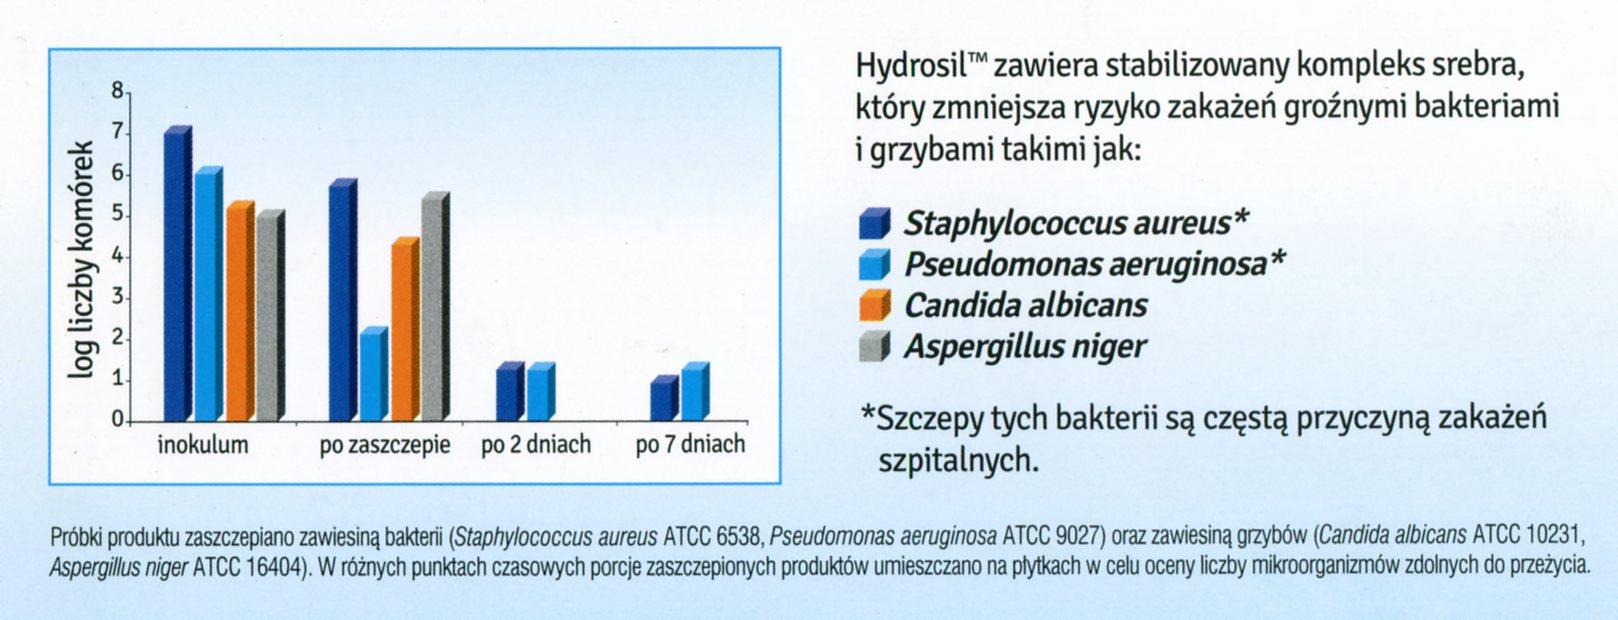 Hydrosil działanie antybakteryjne